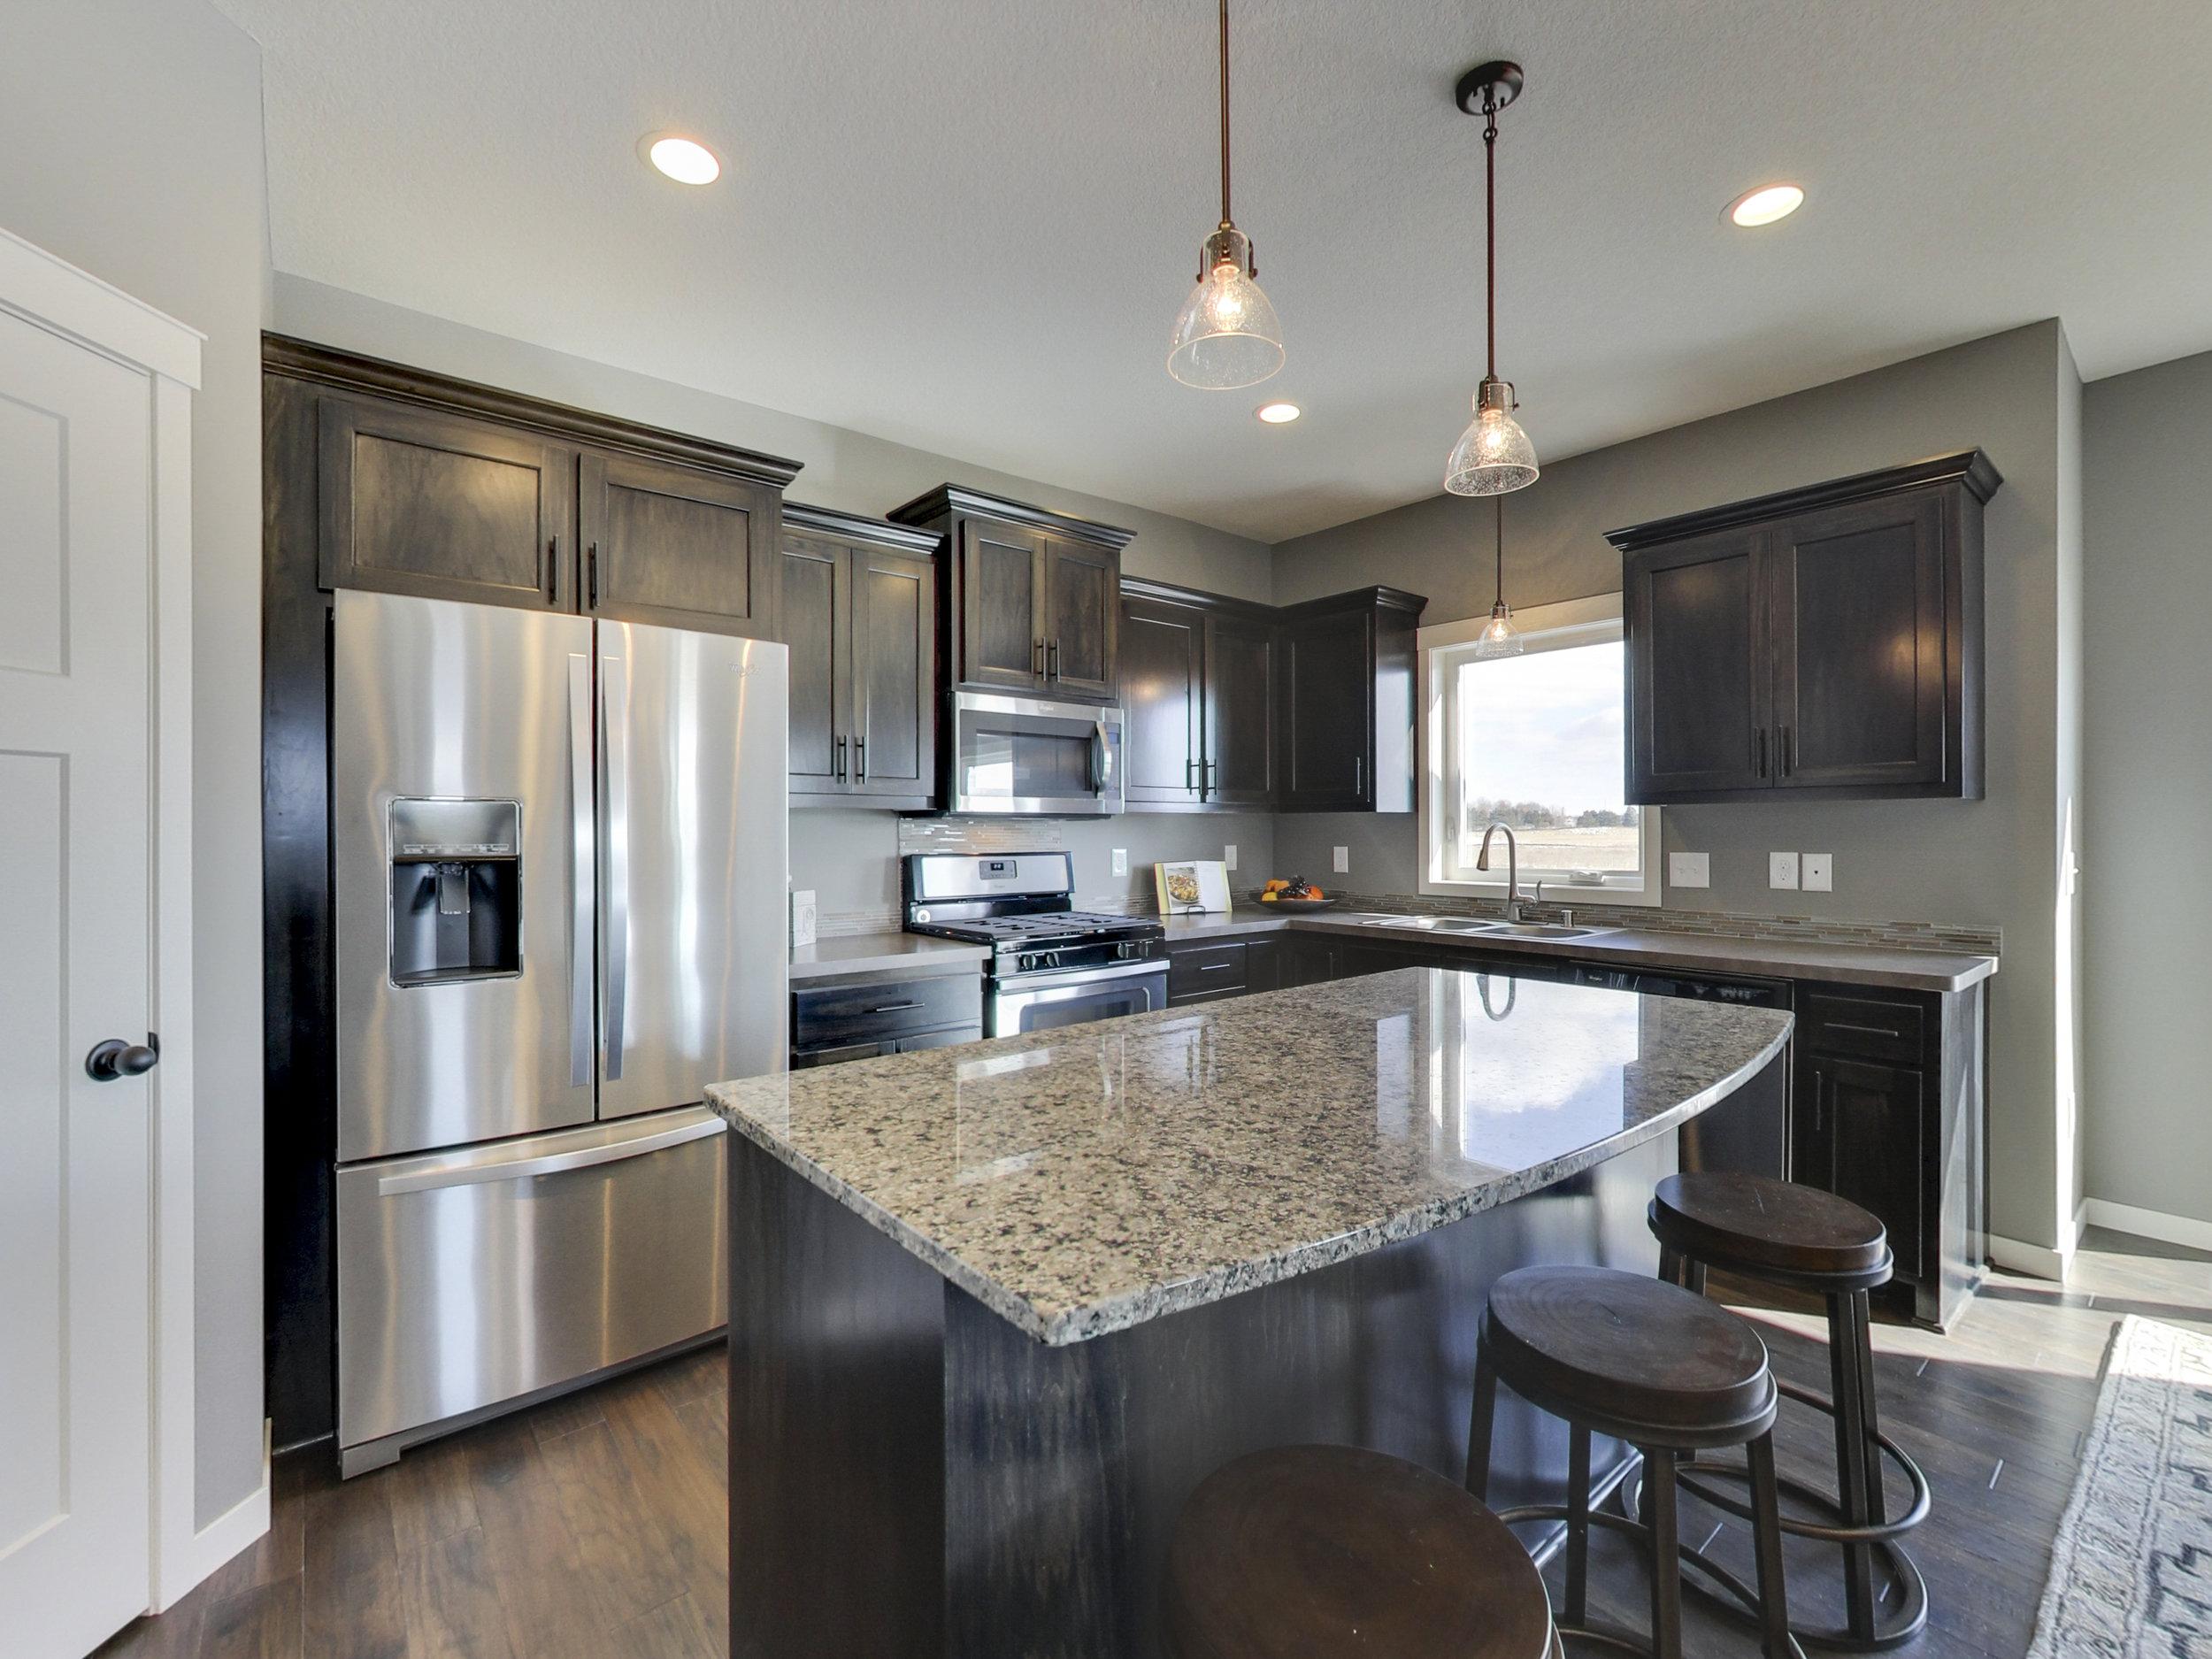 Household Appliances    Warners' Stellian  3436 - 129th Ave. NW Coon Rapids, MN 55433 (P) 763-421-5720  www.warnersstellian.com  Contact: Kayla Stich  krstich@warnersstellian.com